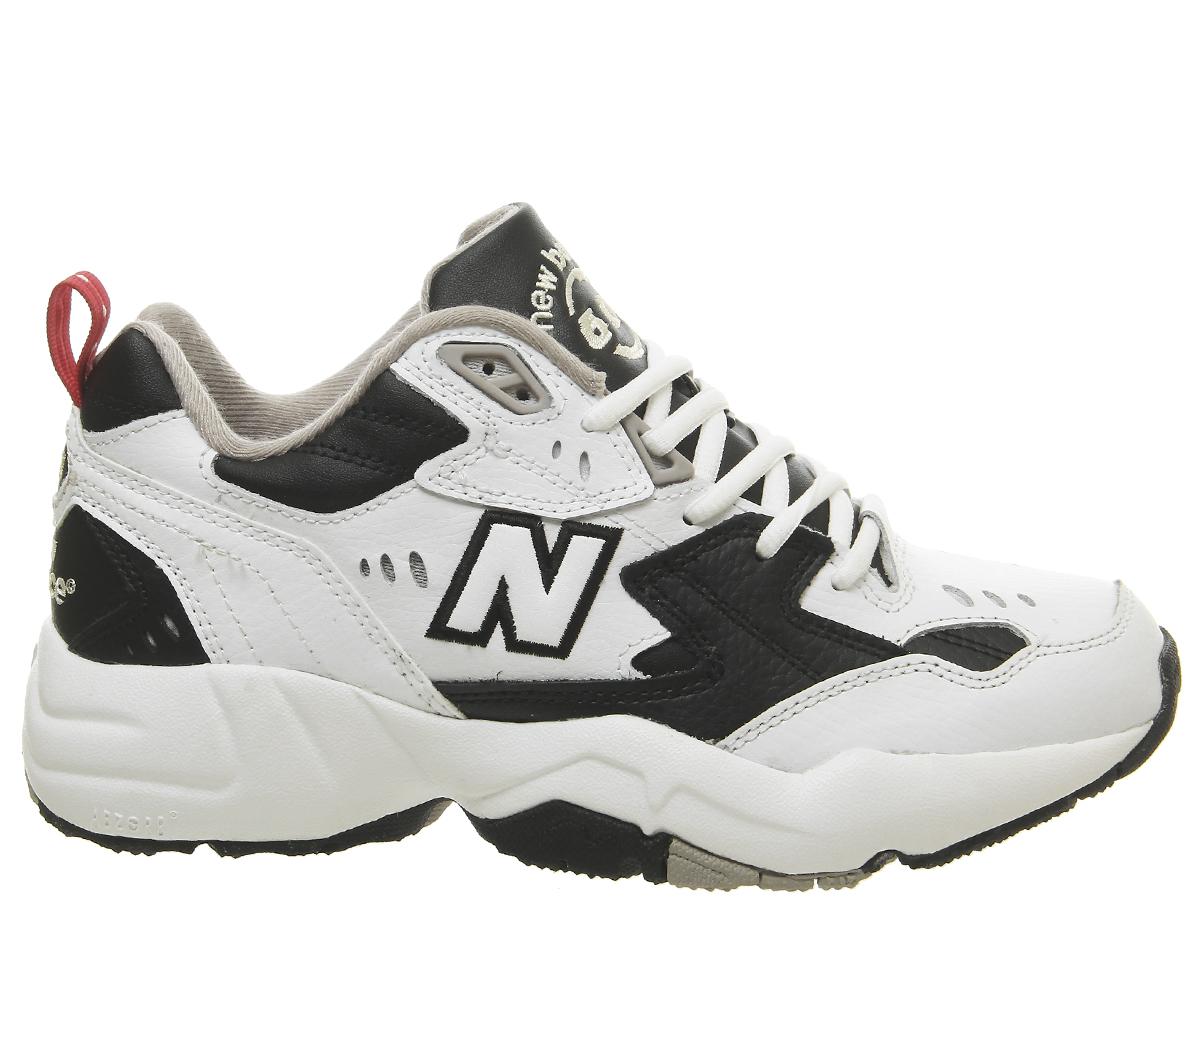 3058fa1ee487e SENTINEL Womens nuovo equilibrio 608 formatori formatori nero scarpe bianco